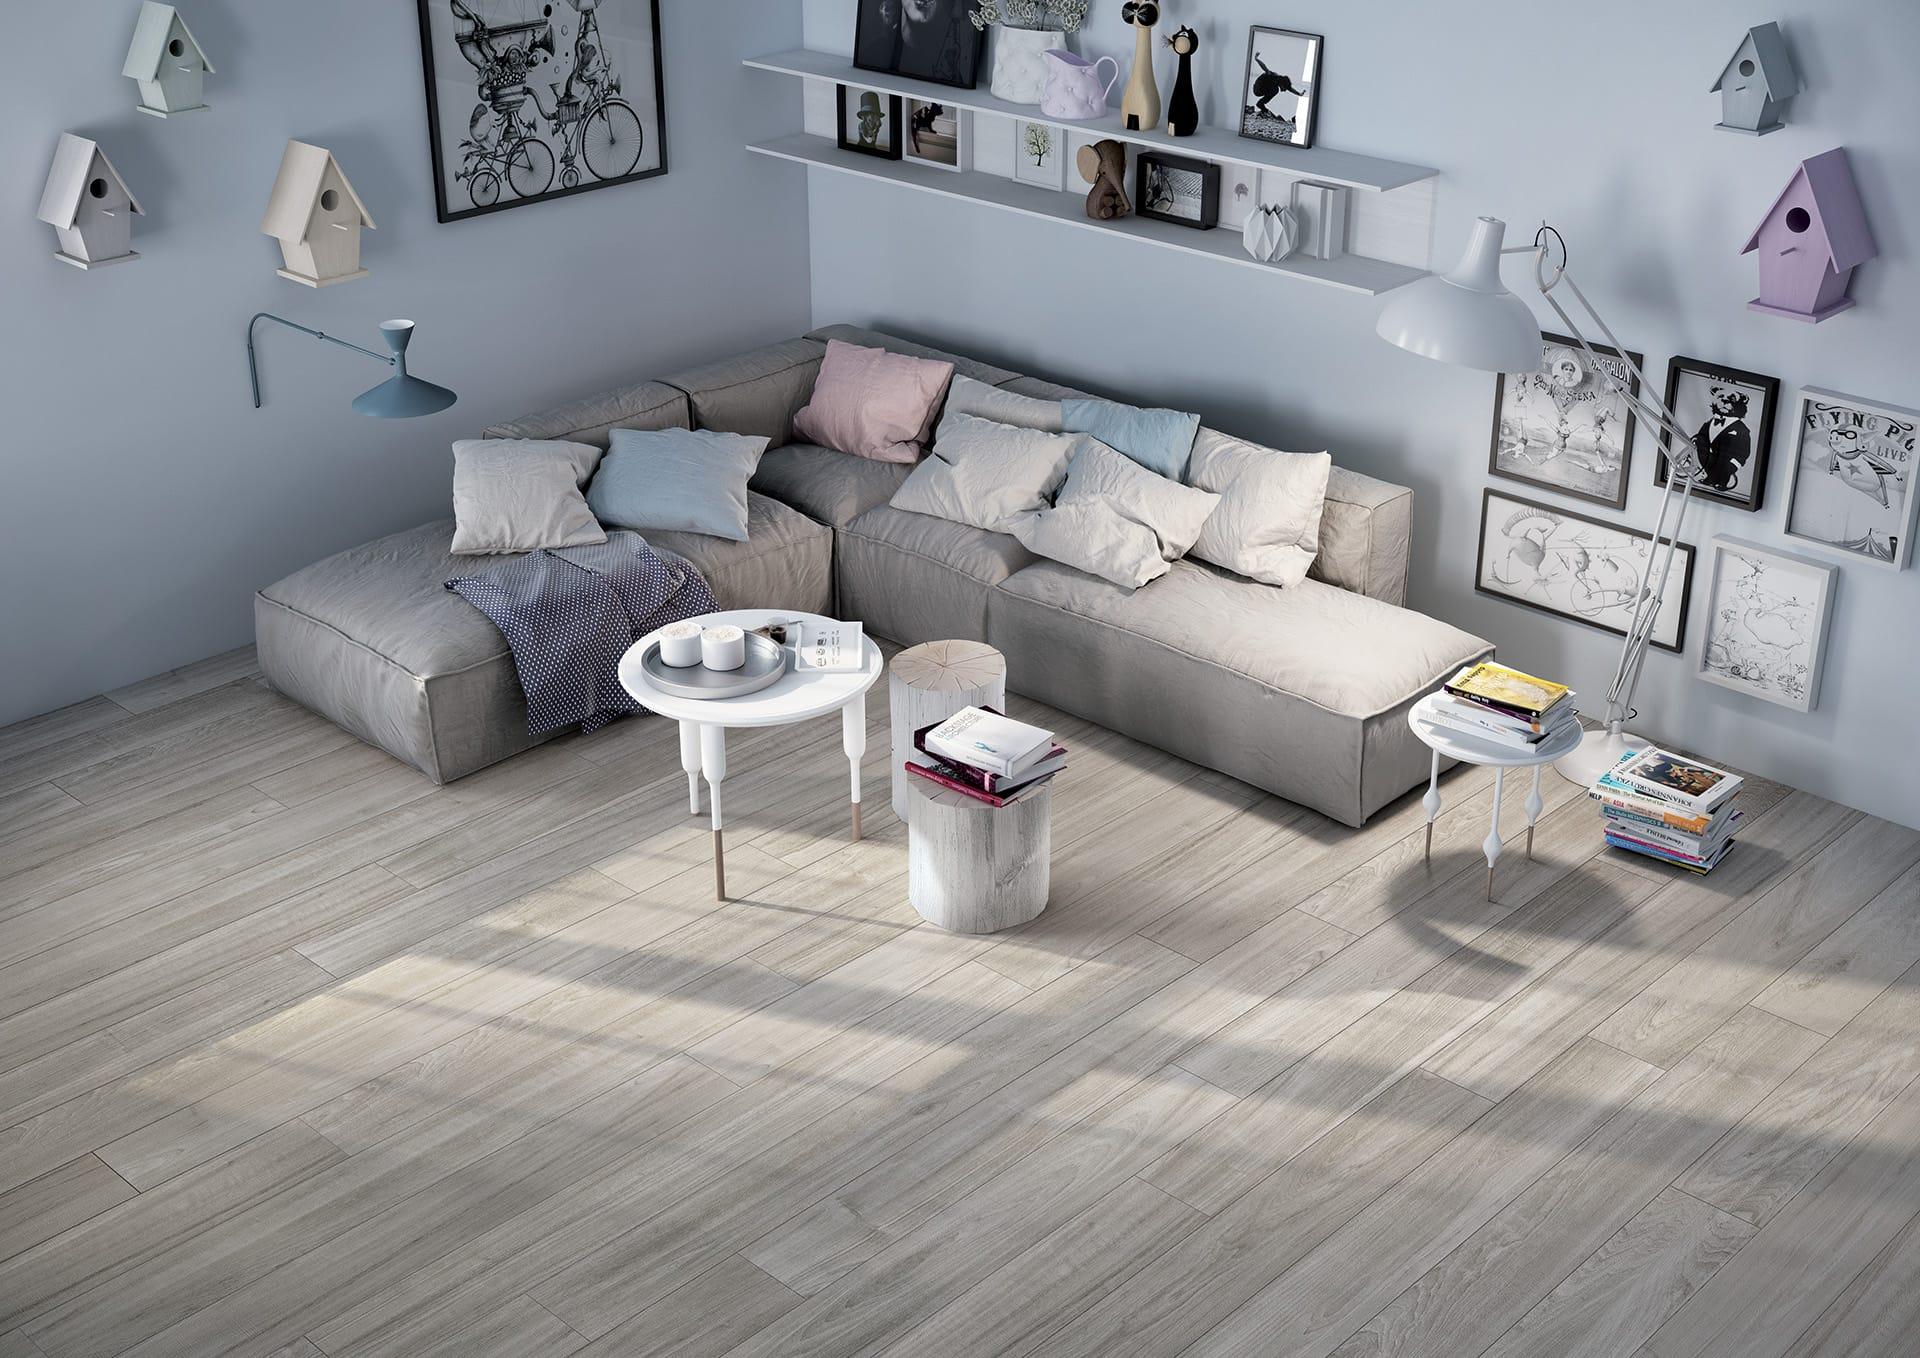 Piastrelle Effetto Legno Tortora : Pavimenti effetto legno color tortora: pavimenti effetto cemento